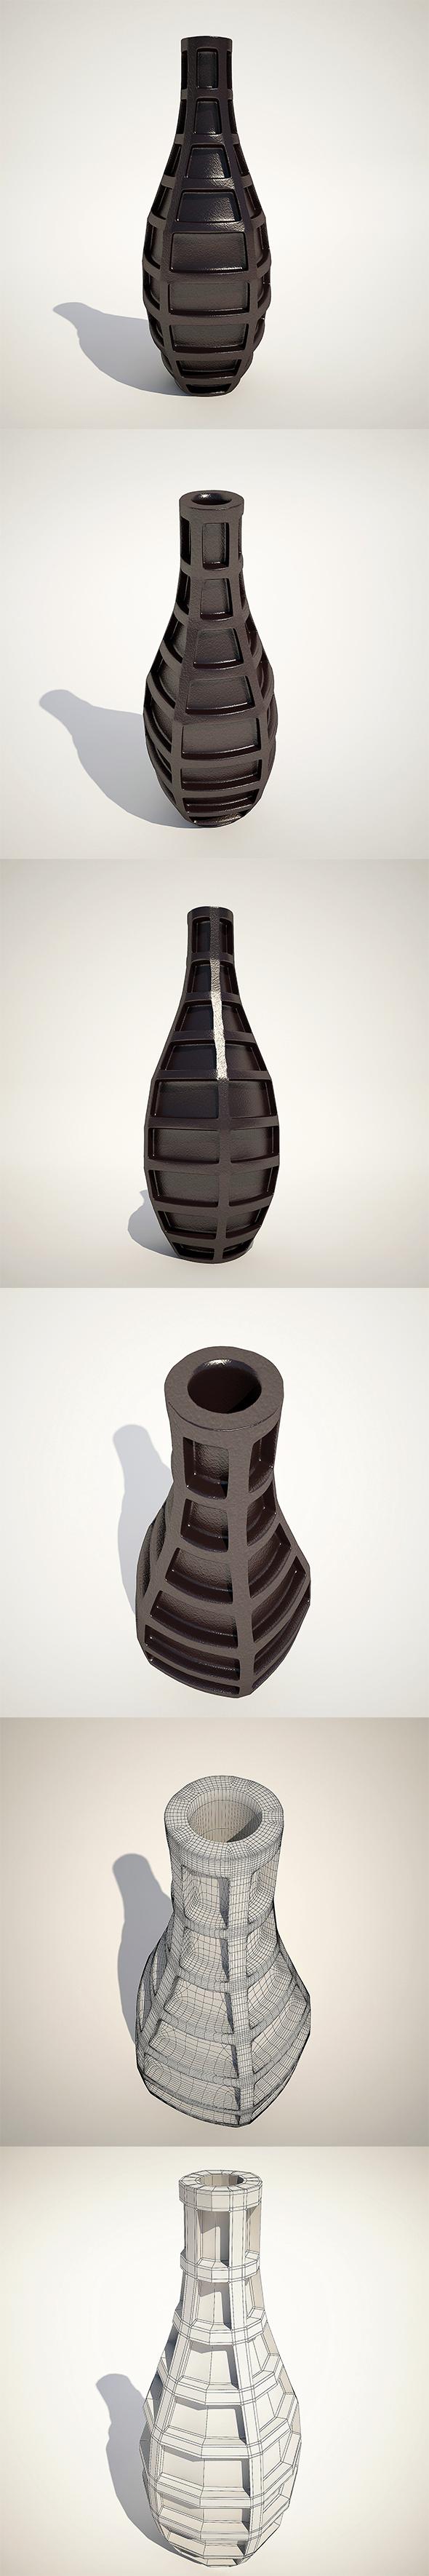 Vase Grid Blue 43cm Kare Design - 3DOcean Item for Sale